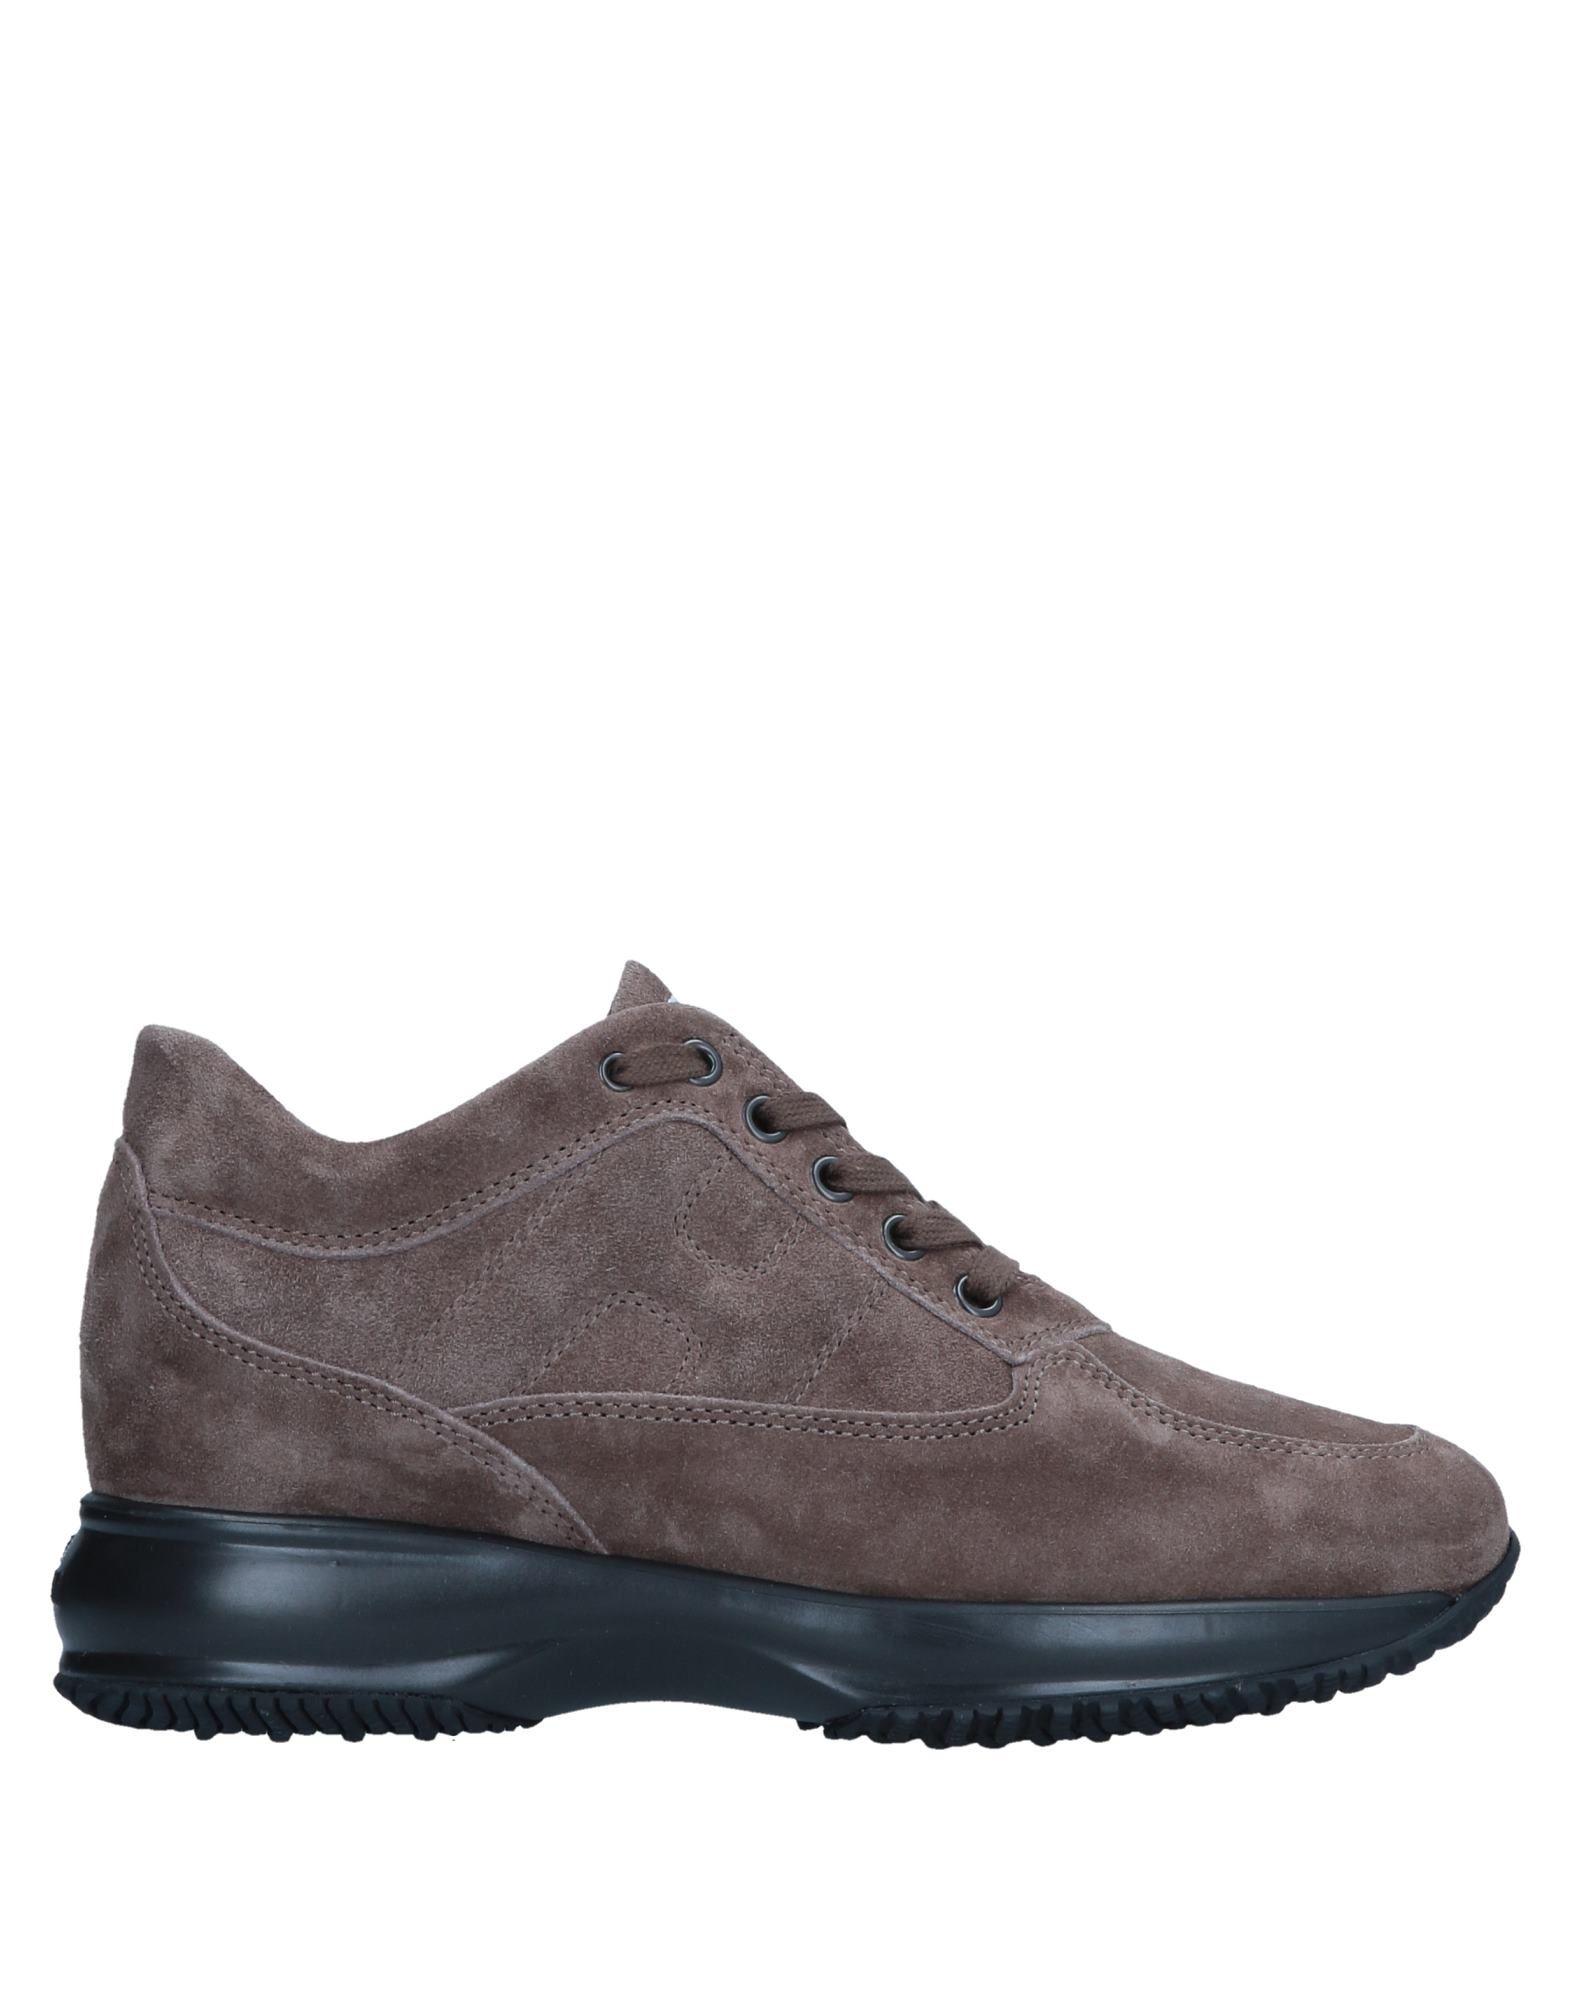 Scarpe economiche e resistenti Sneakers Hogan Donna - 11325612KJ